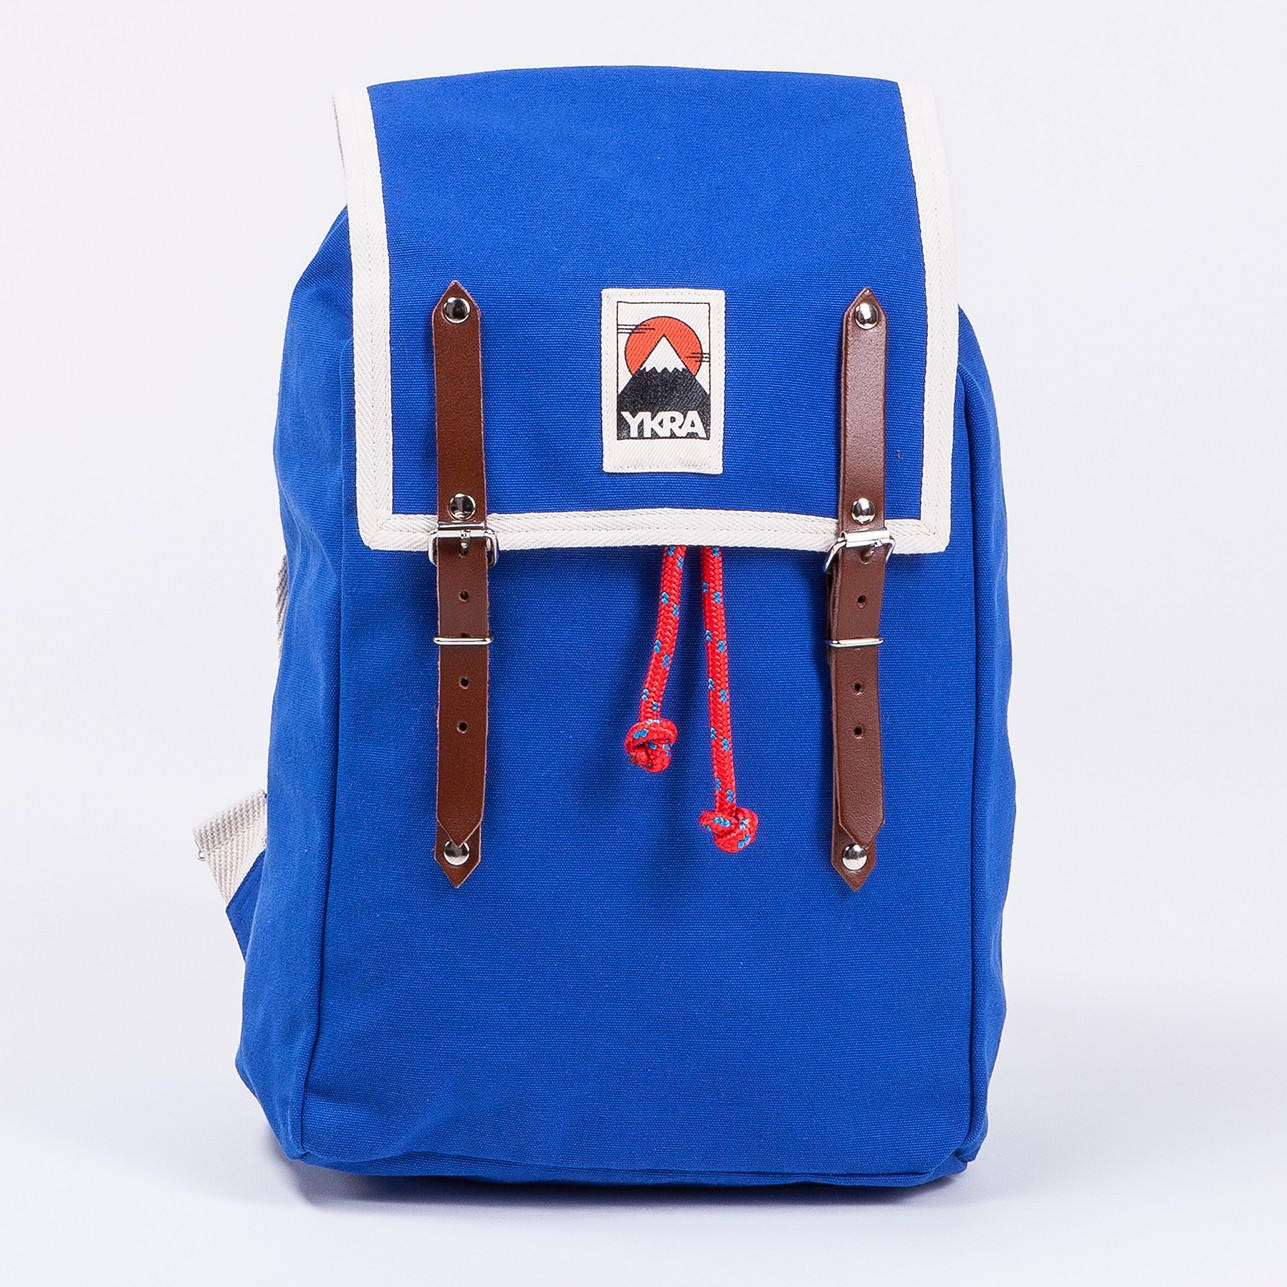 Canvas Backpacks  Leather Backpack  Festival Backpack  Leather details 70s inspired Backpack  BLUE  YKRA  13 Laptop Bag